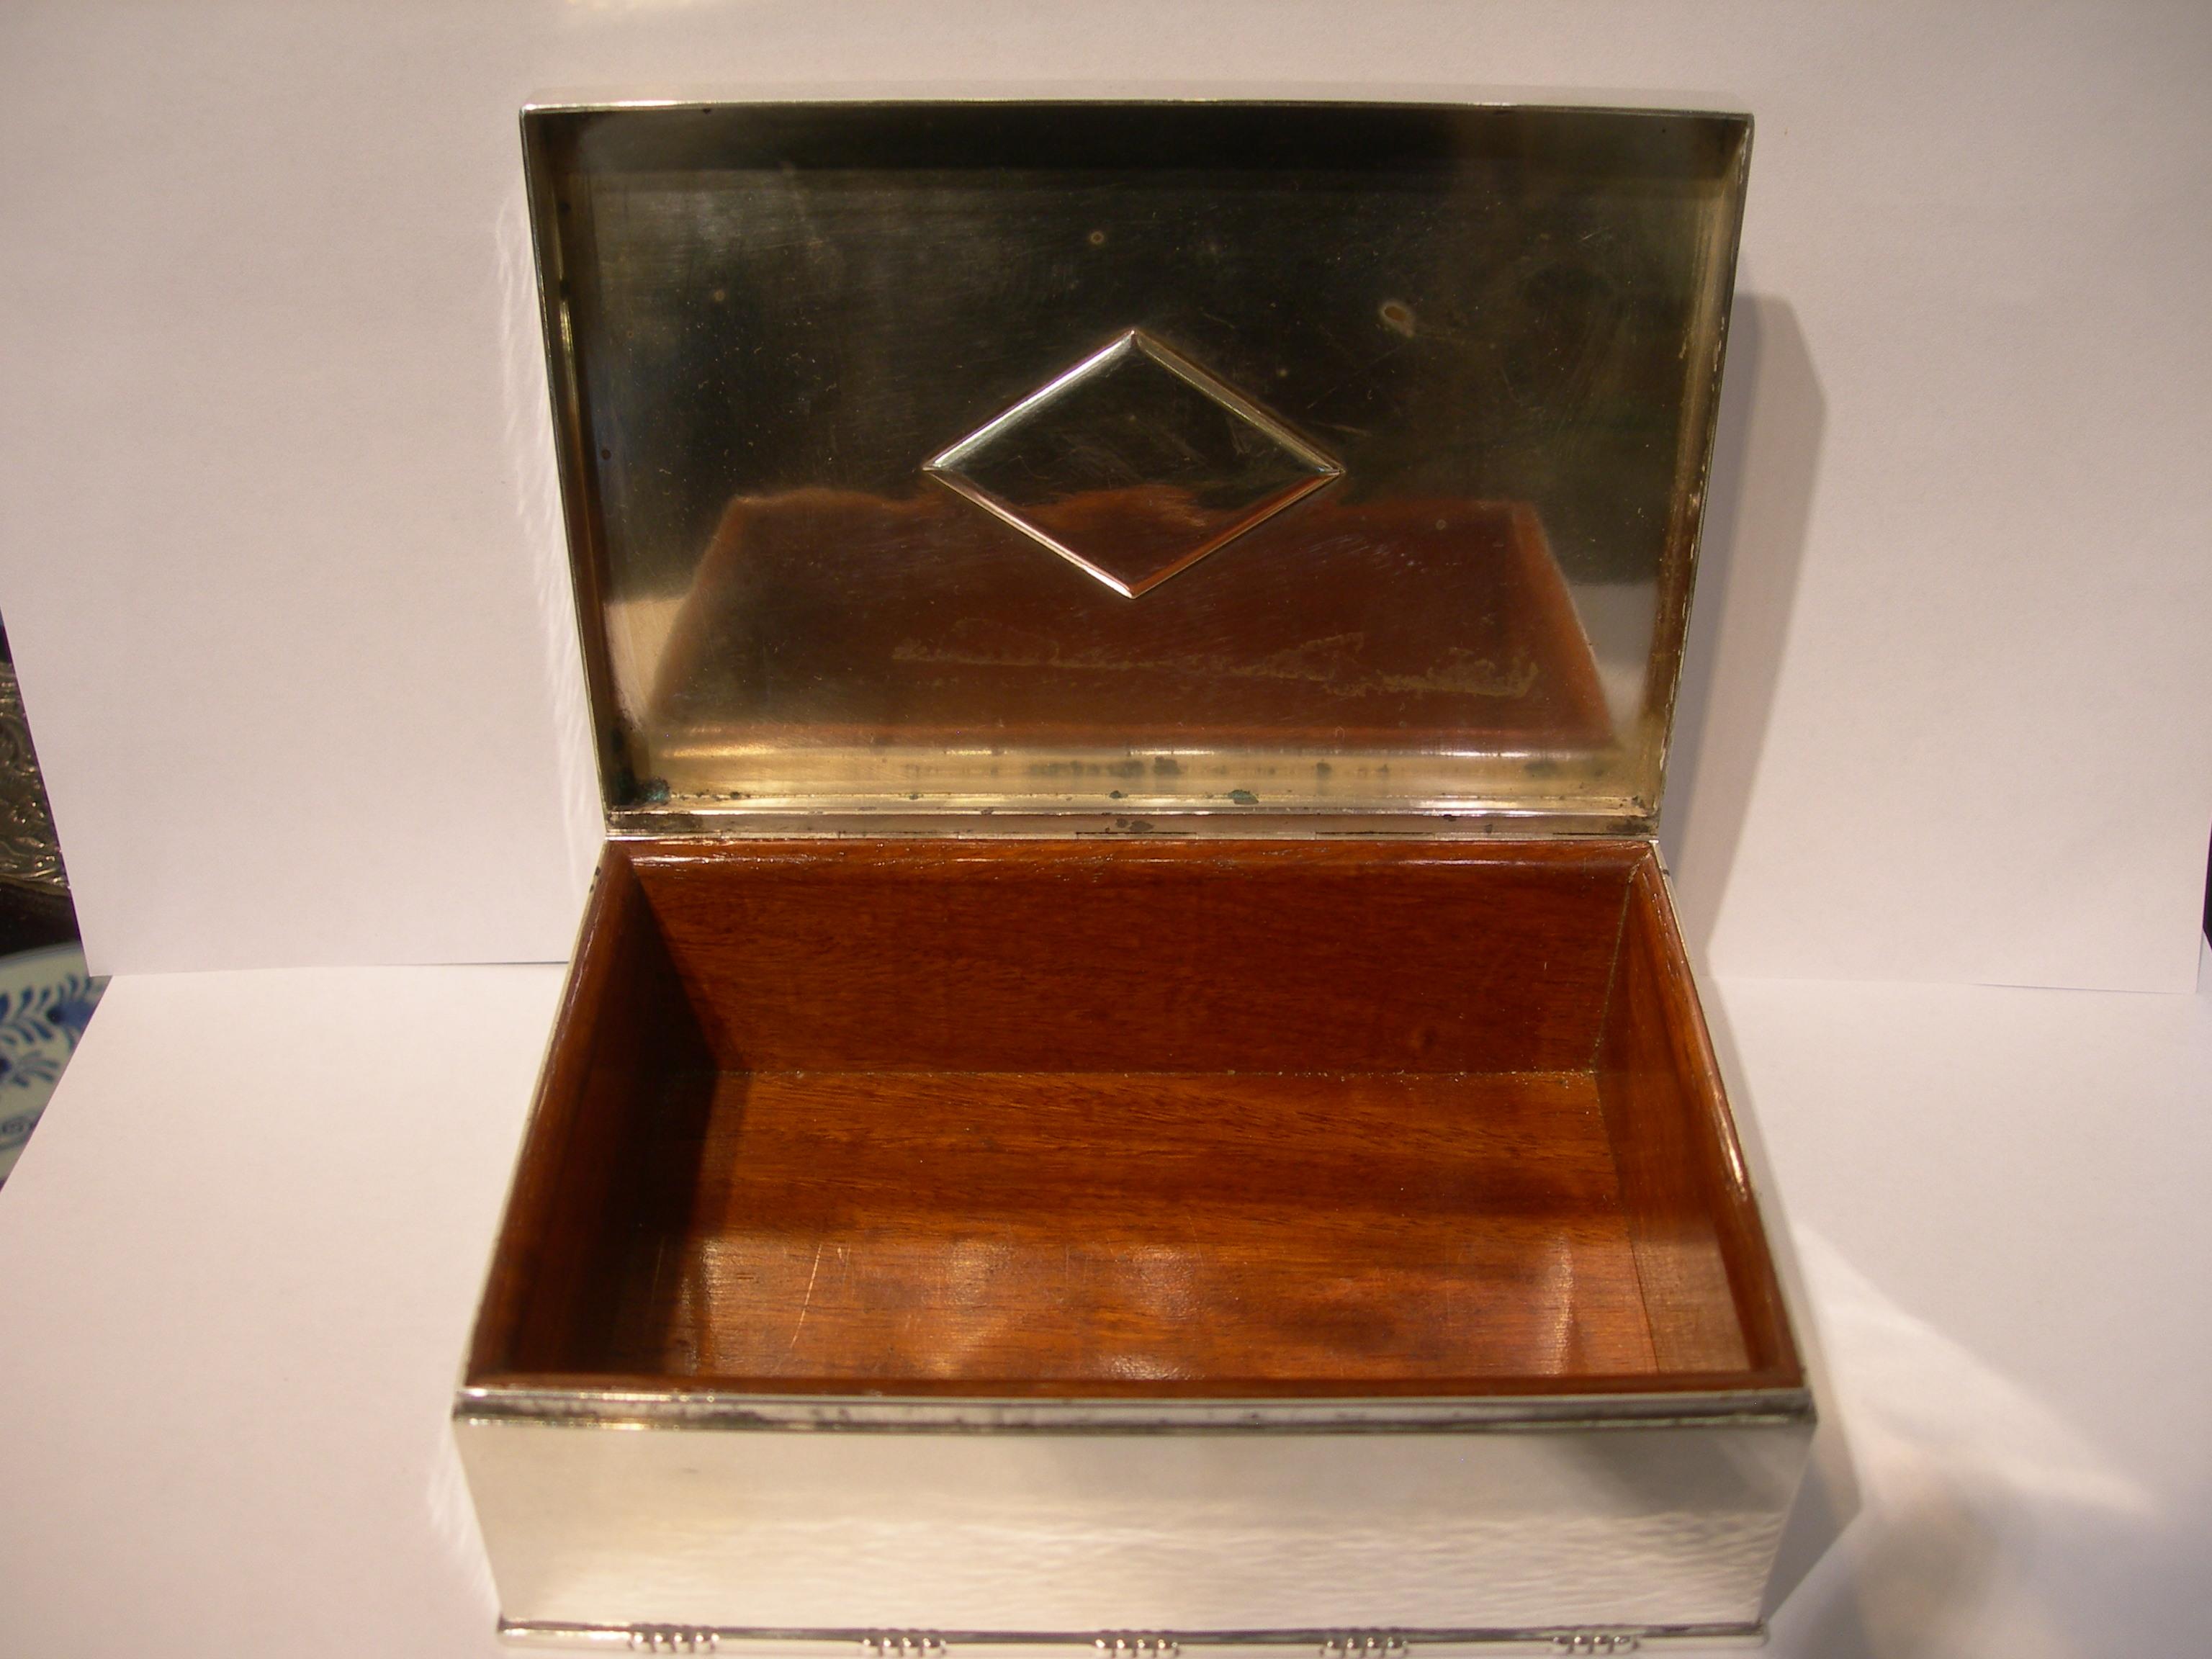 ivantiques antiques collectibles georg jensen johan rohde cigar box. Black Bedroom Furniture Sets. Home Design Ideas